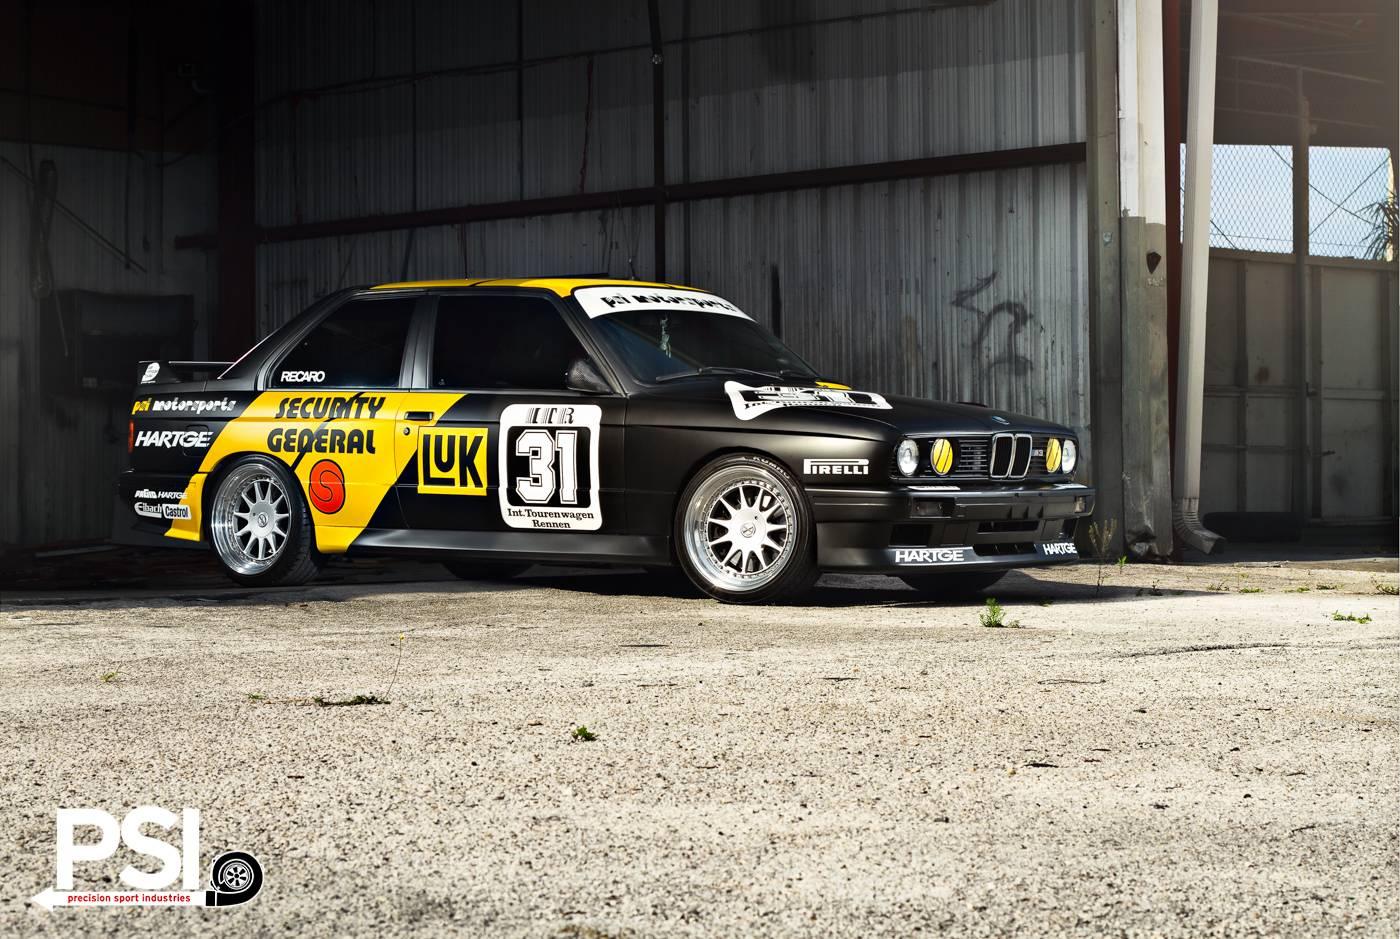 Matte Black Bmw E30 M3 Dtm Replica By Psi Gtspirit